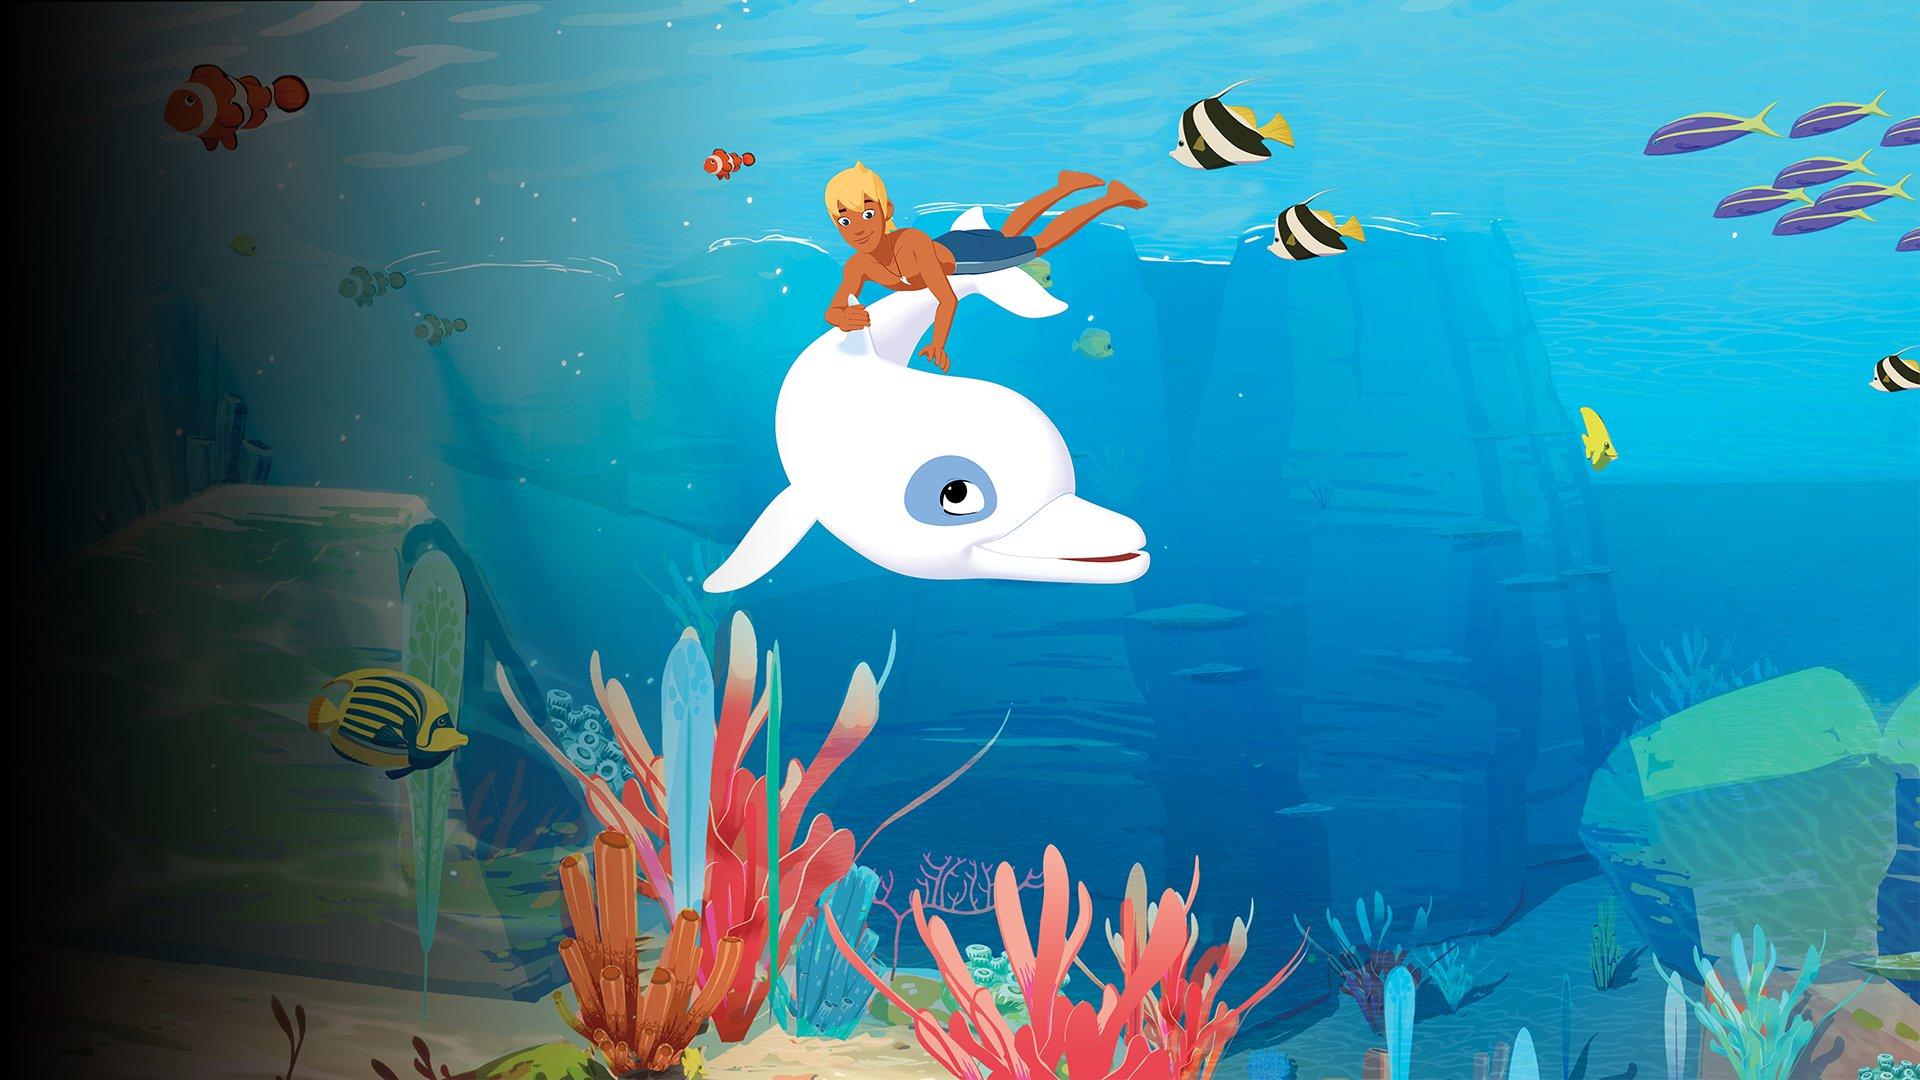 fond Trois hommes et un dauphin - Oum le dauphin blanc